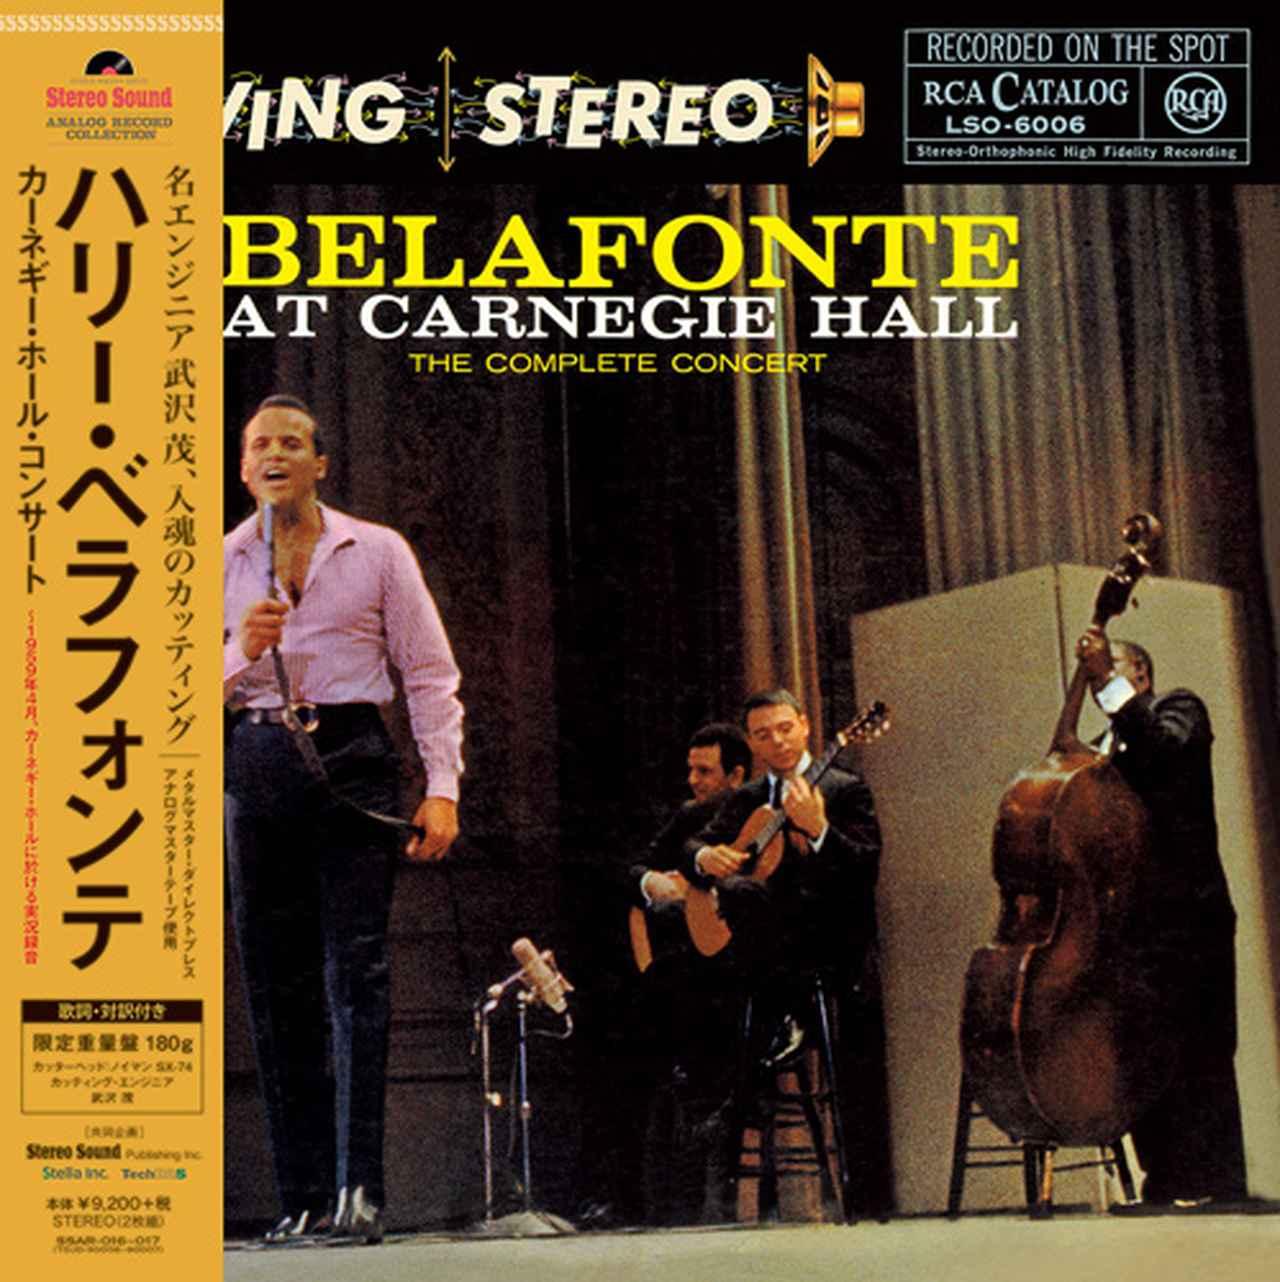 Images : 「ハリー・ベラフォンテ・カーネギー・ホール・コンサート」 (アナログレコード2枚組) SSAR-016~017